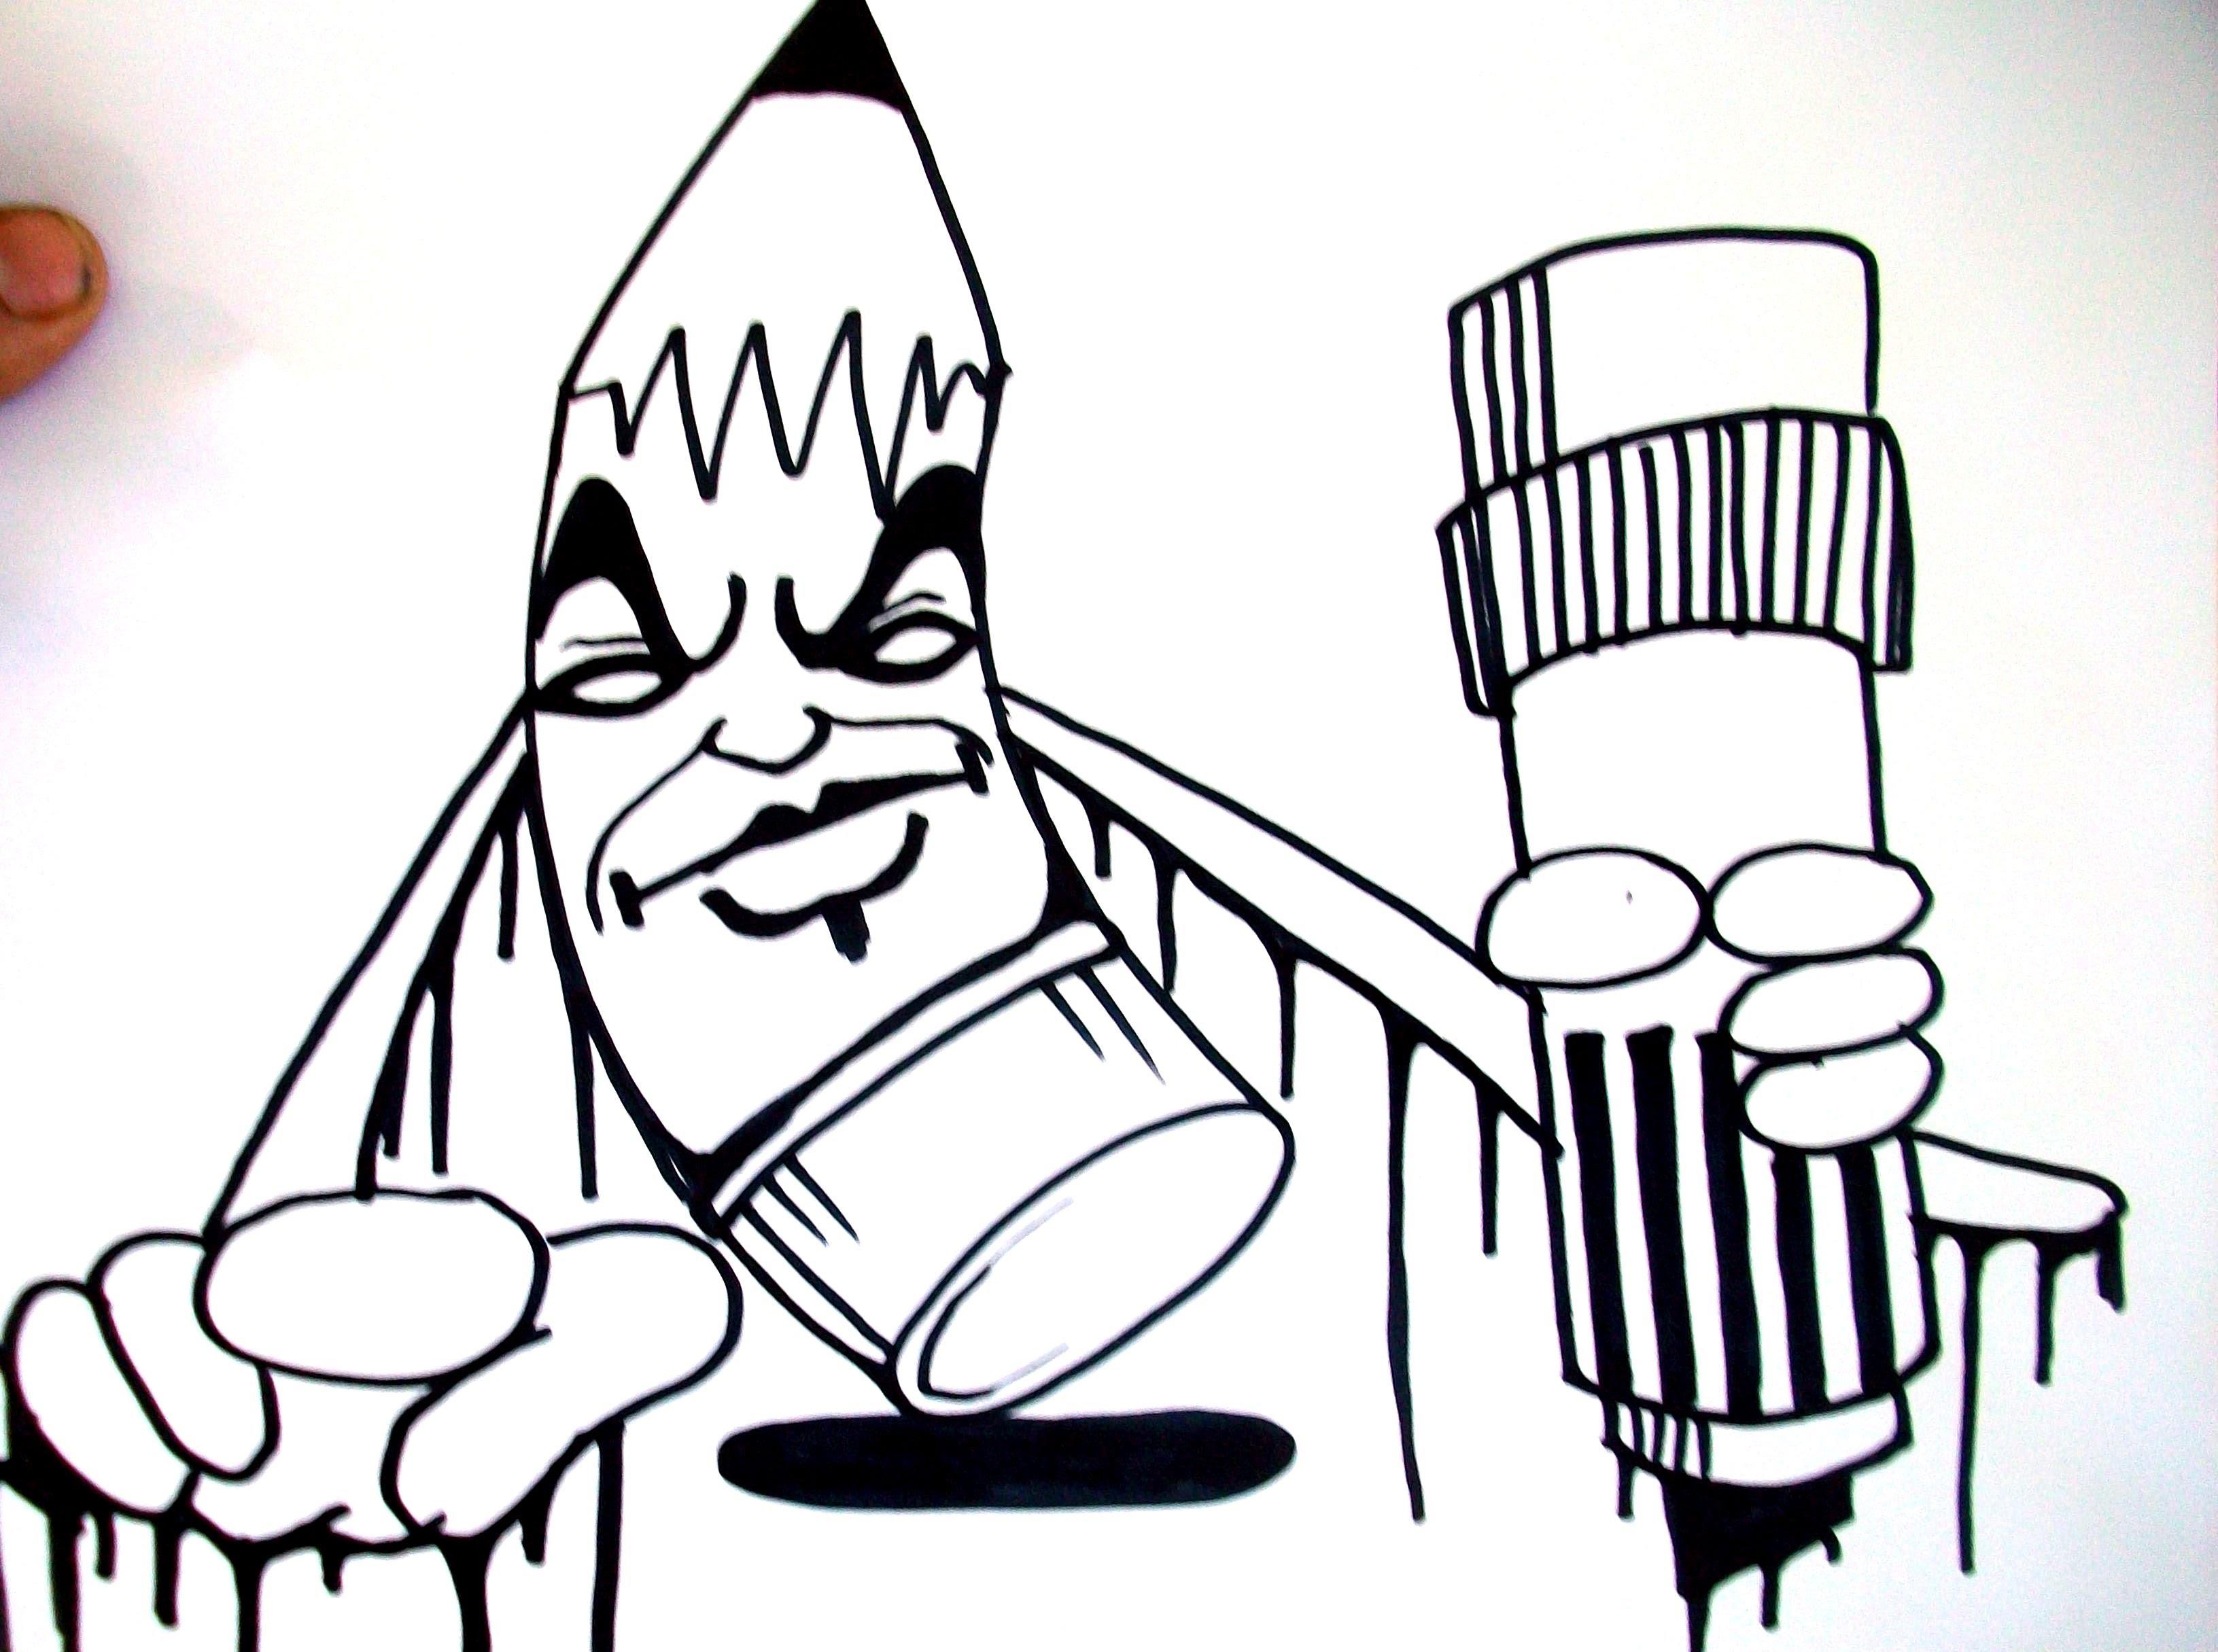 3263x2431 Easy Graffiti Pencil Drawings Drawing A Graffiti Pencil Character